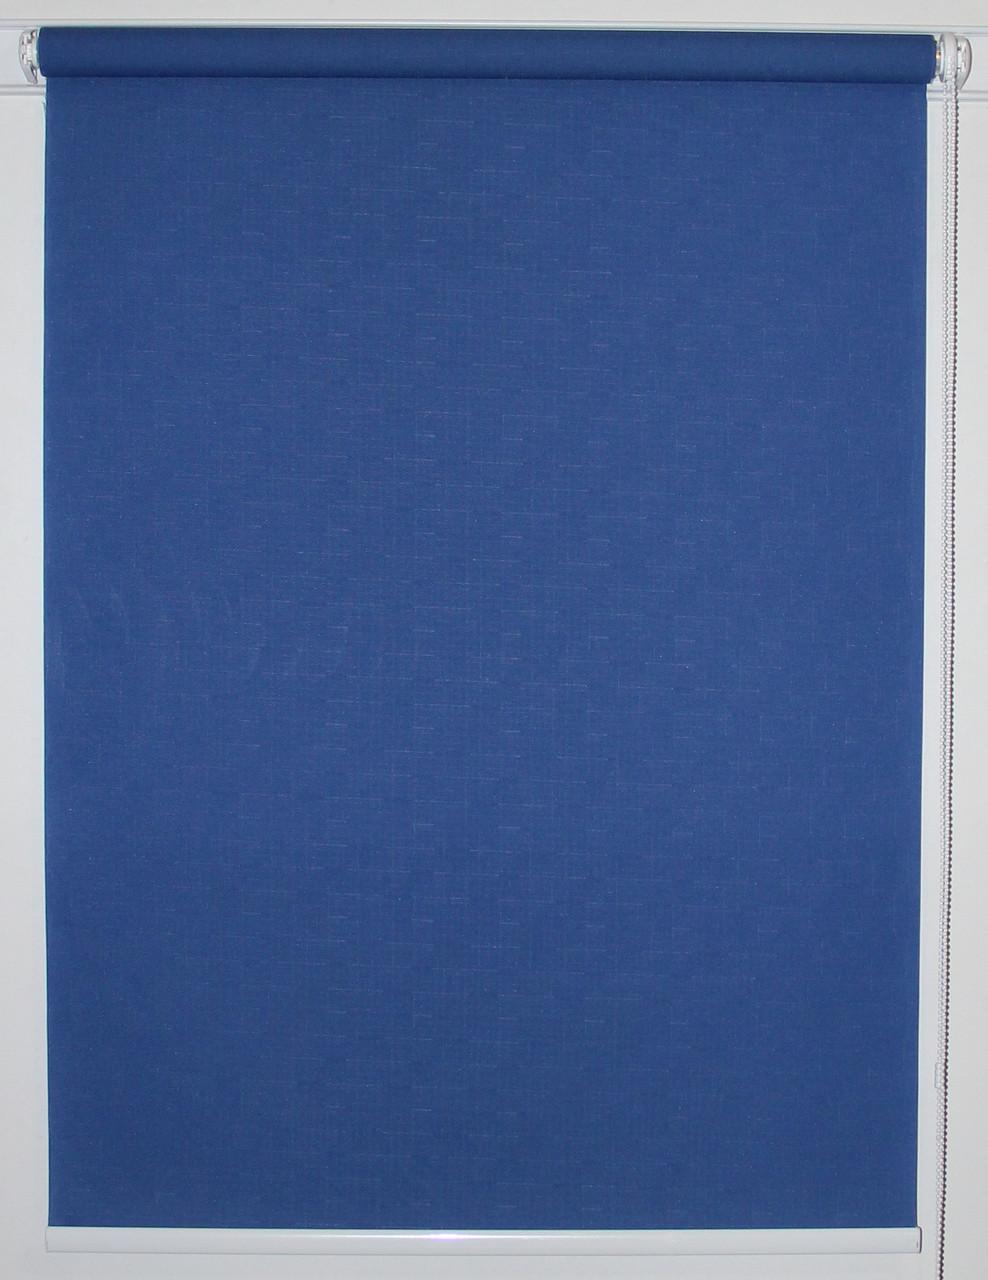 Рулонная штора 375*1500 Ткань Лён 2075 Синий